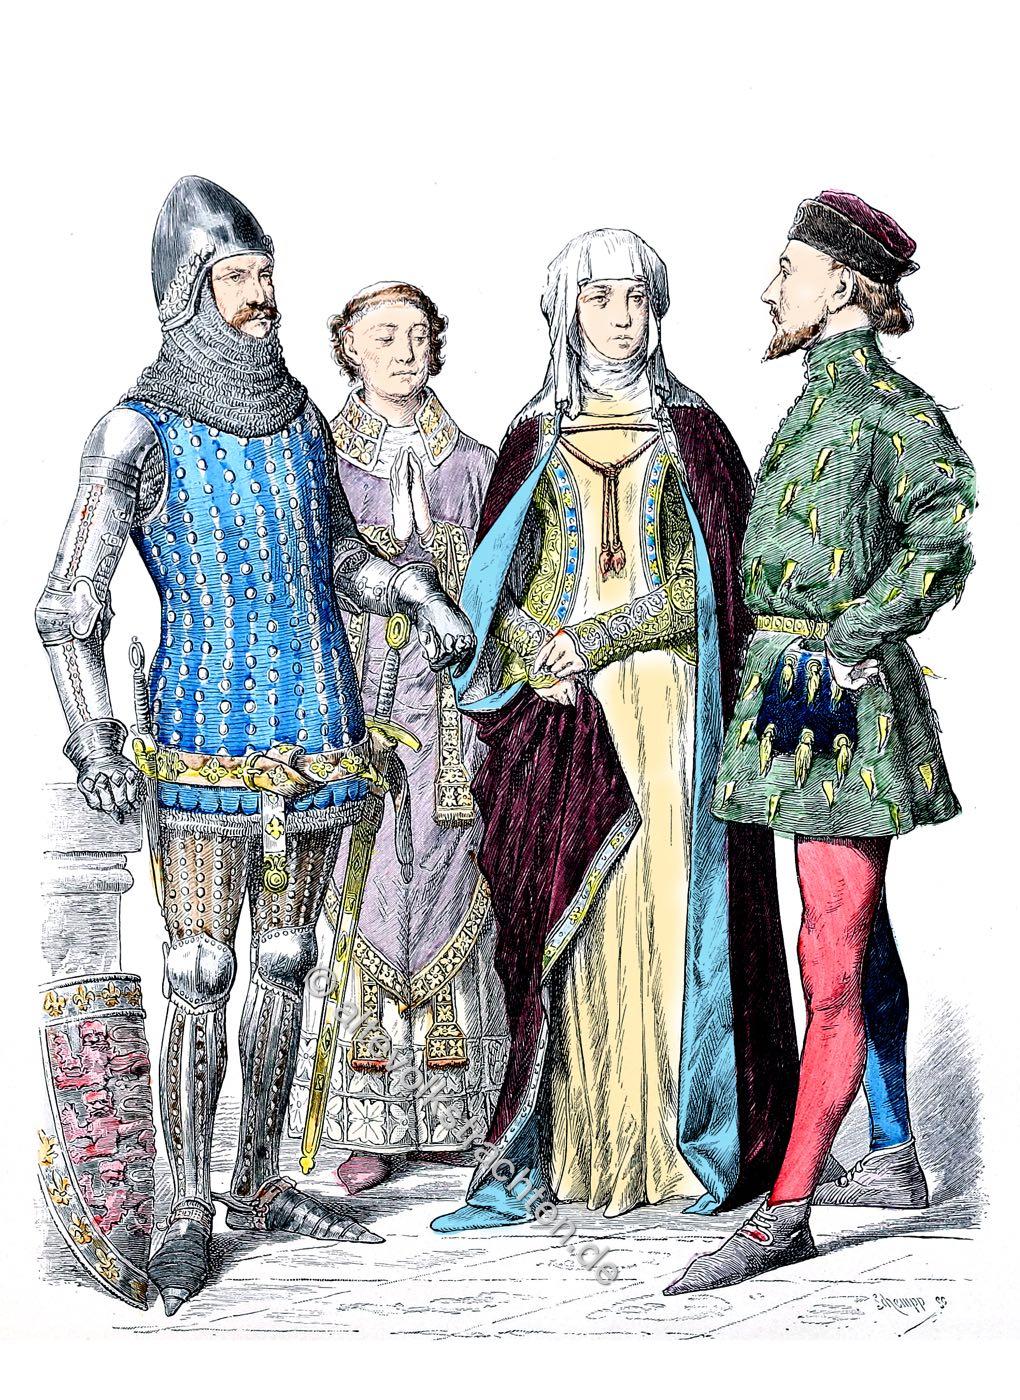 Münchener Bilderbogen, Ritter, Adel, Bischof, Mode, England, Mittelalter, Kostüme